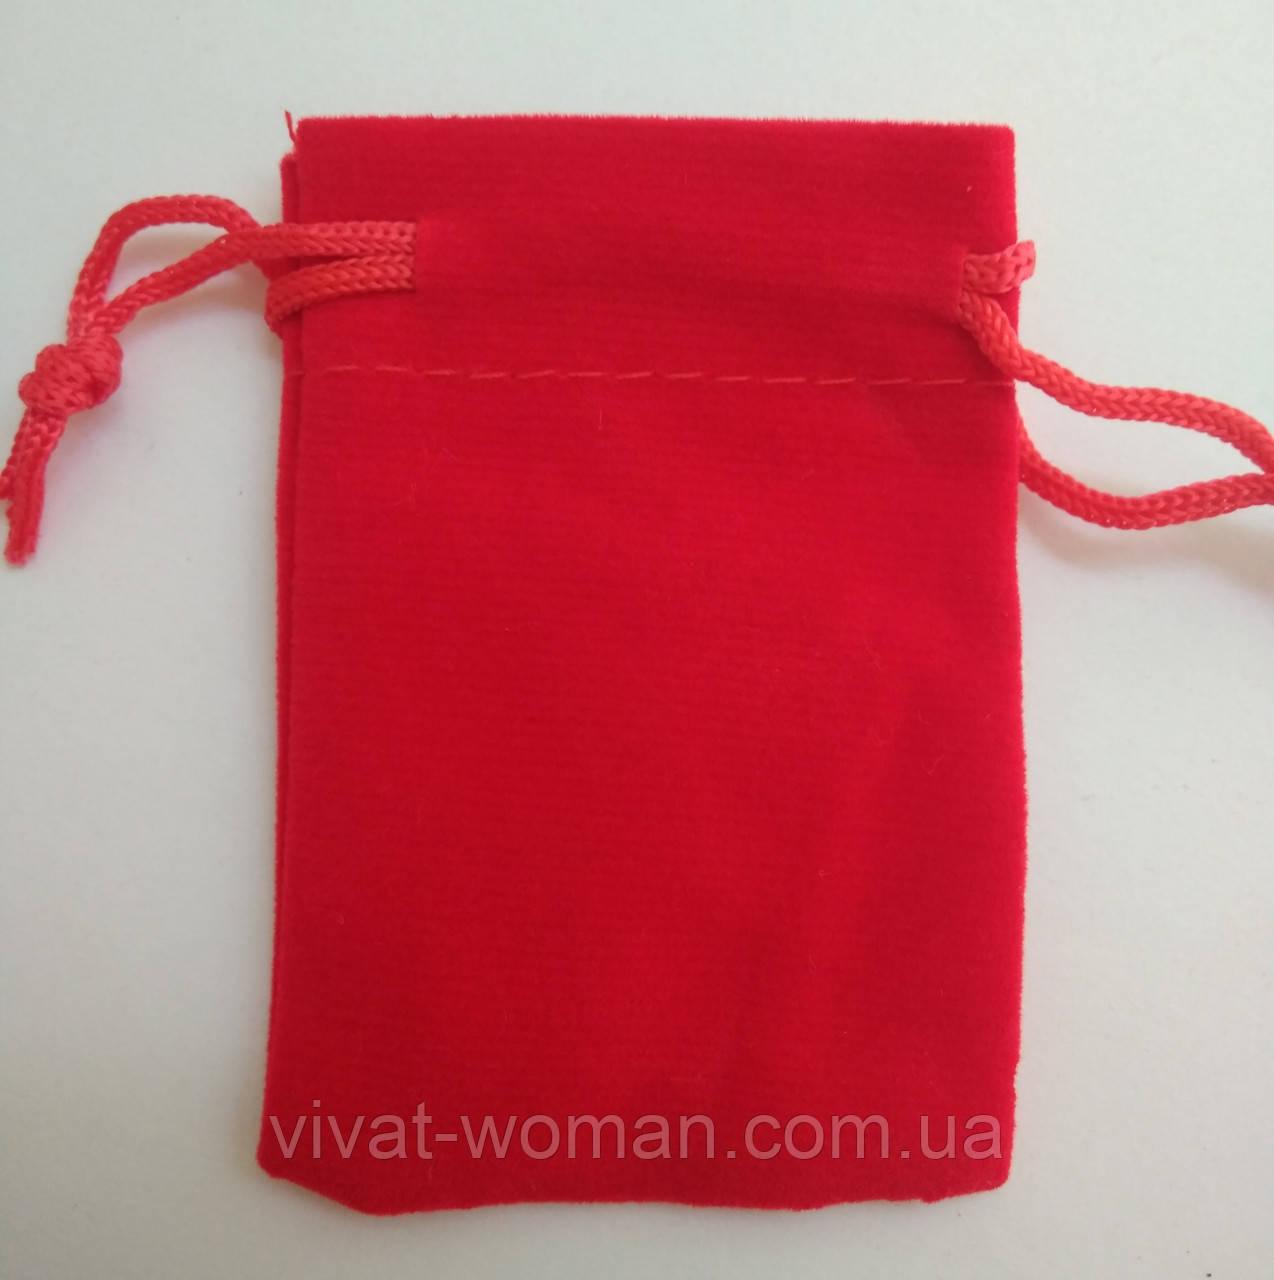 Мішечок з оксамиту червоний 5х7 см, 1 шт., Вир-во Китай